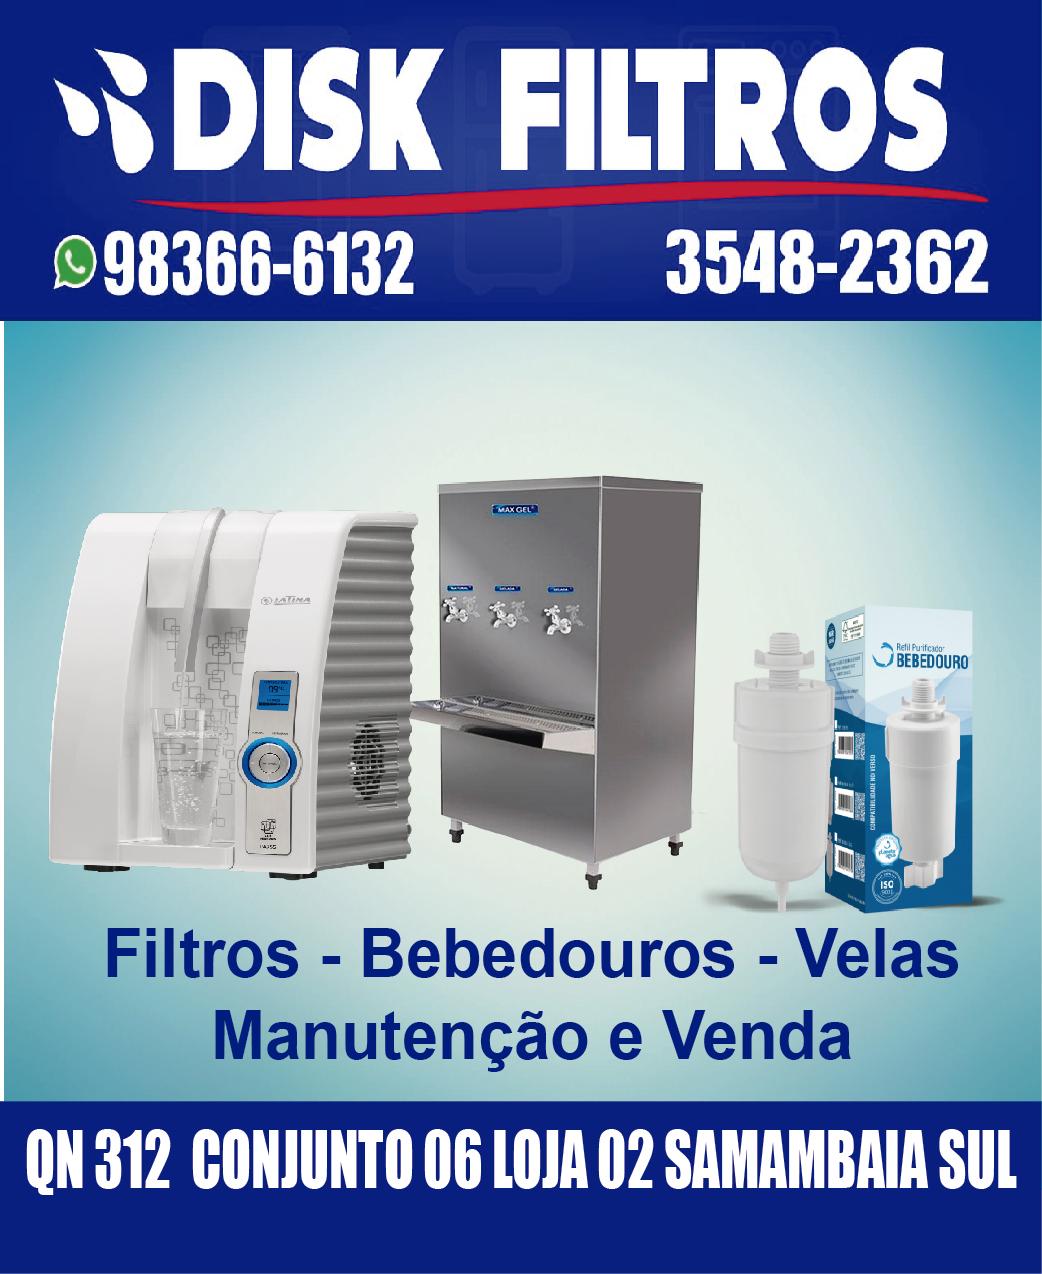 DISK FILTROS